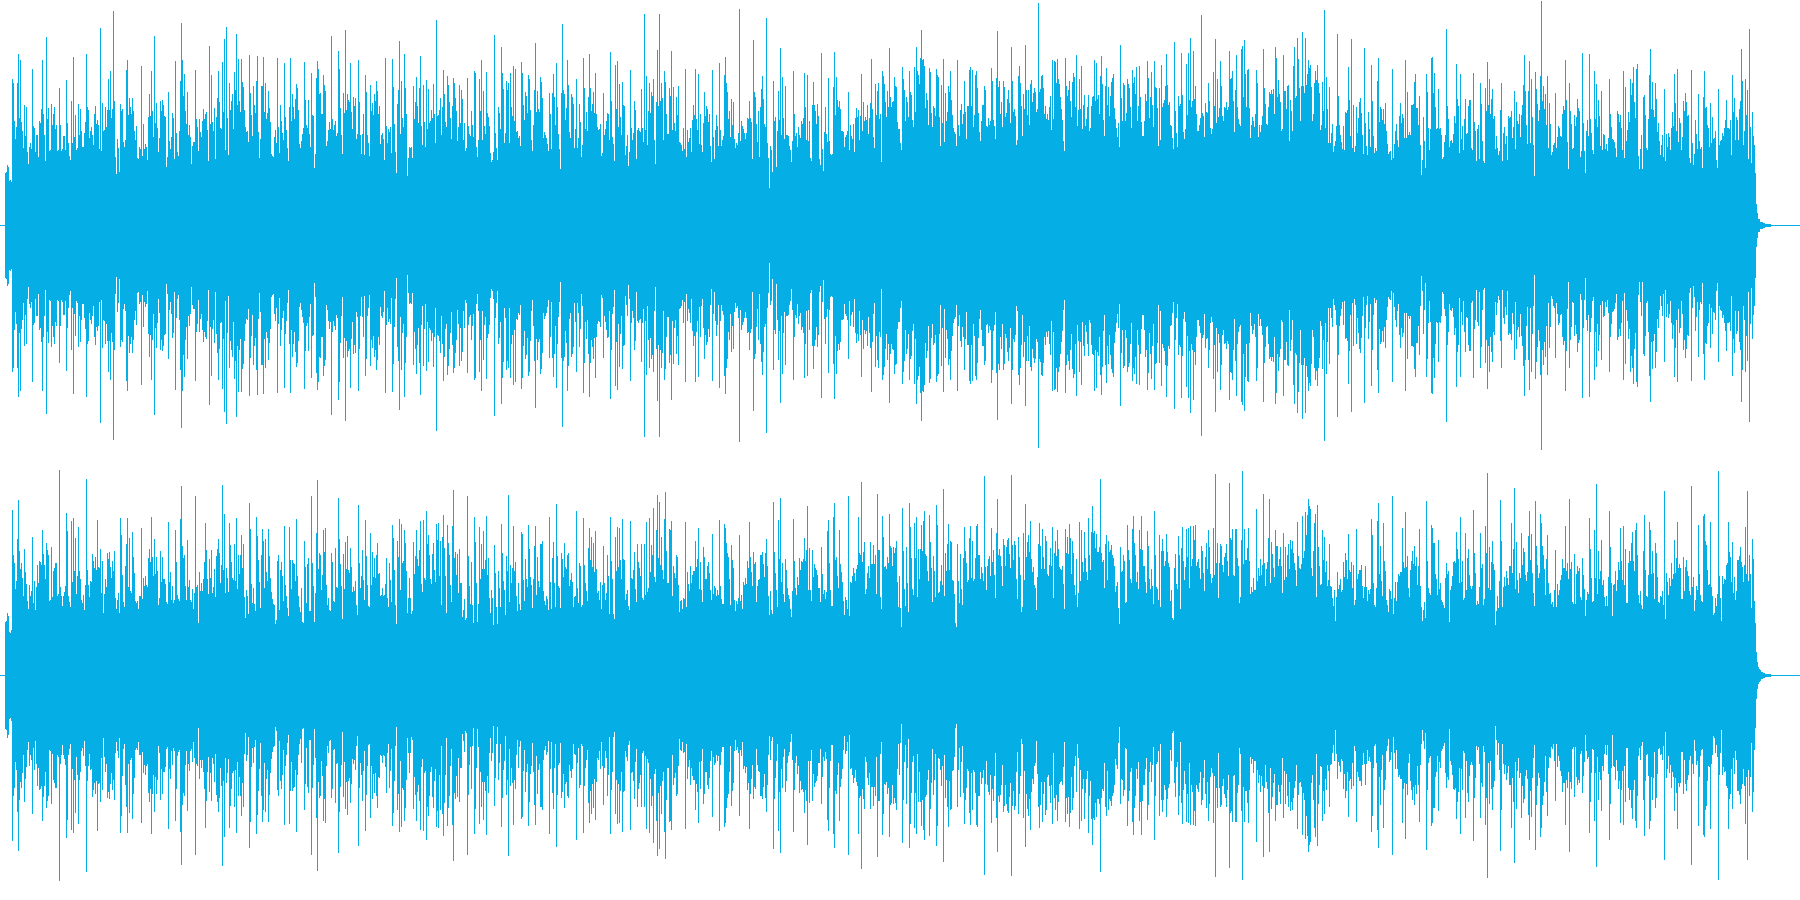 軽快で爽やかなピアノサウンドの再生済みの波形